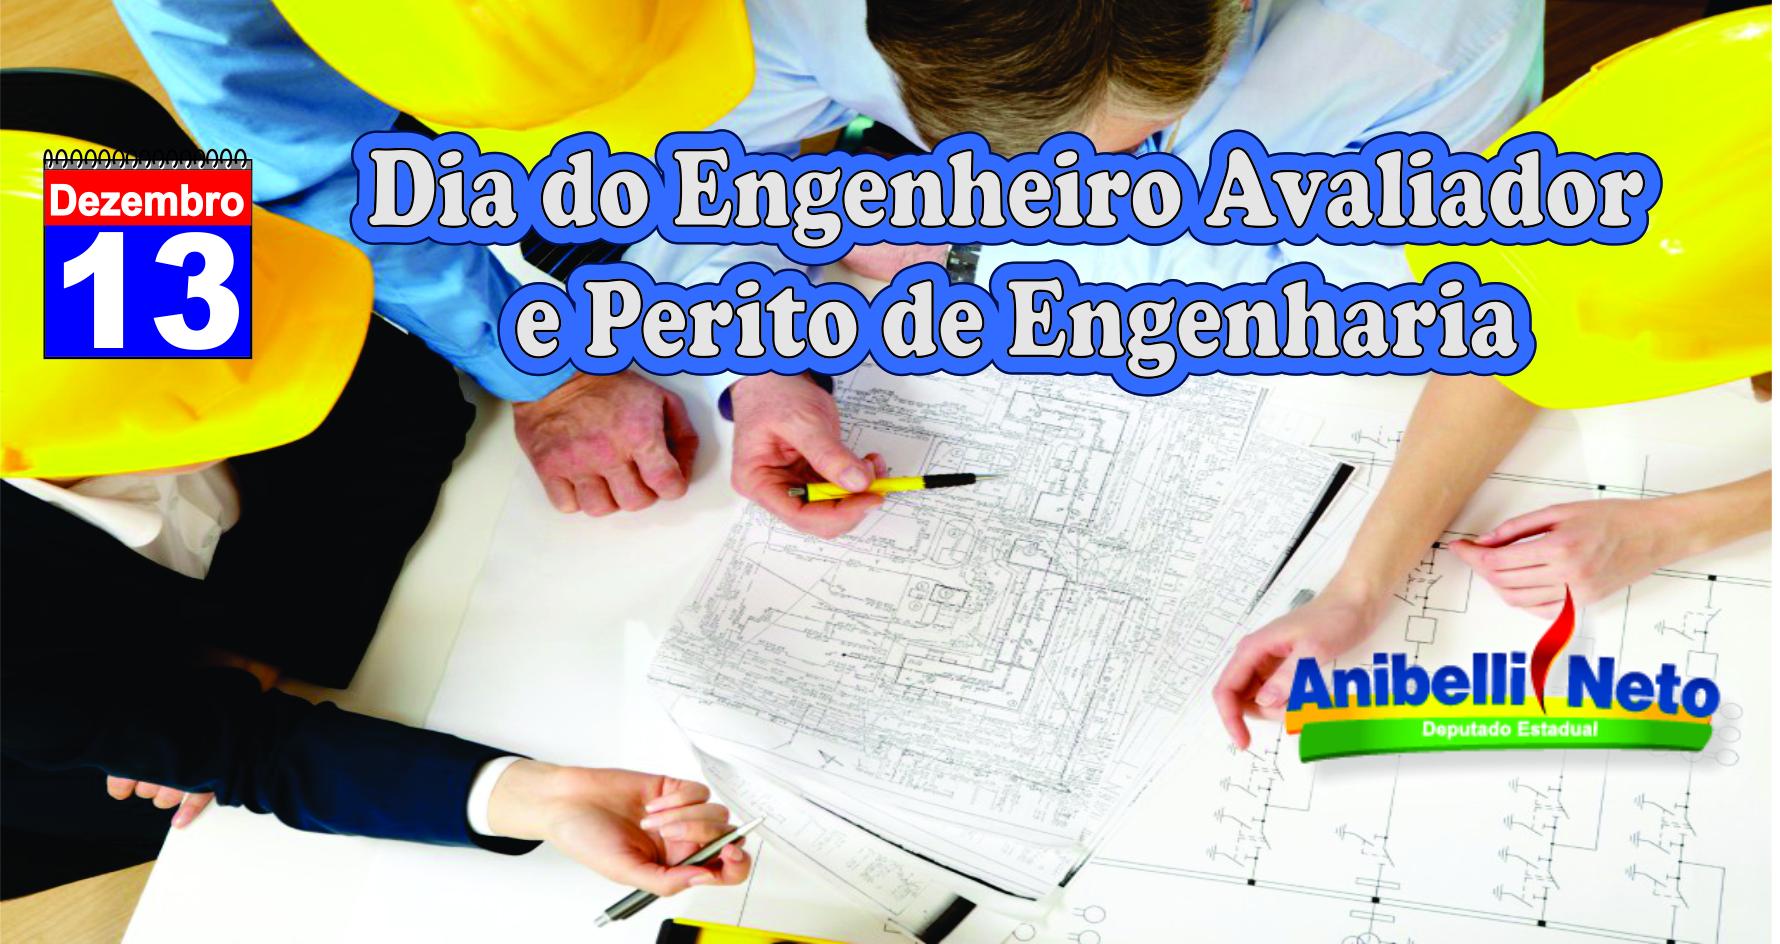 Dia do Engenheiro Avaliador e Perito de Engenharia